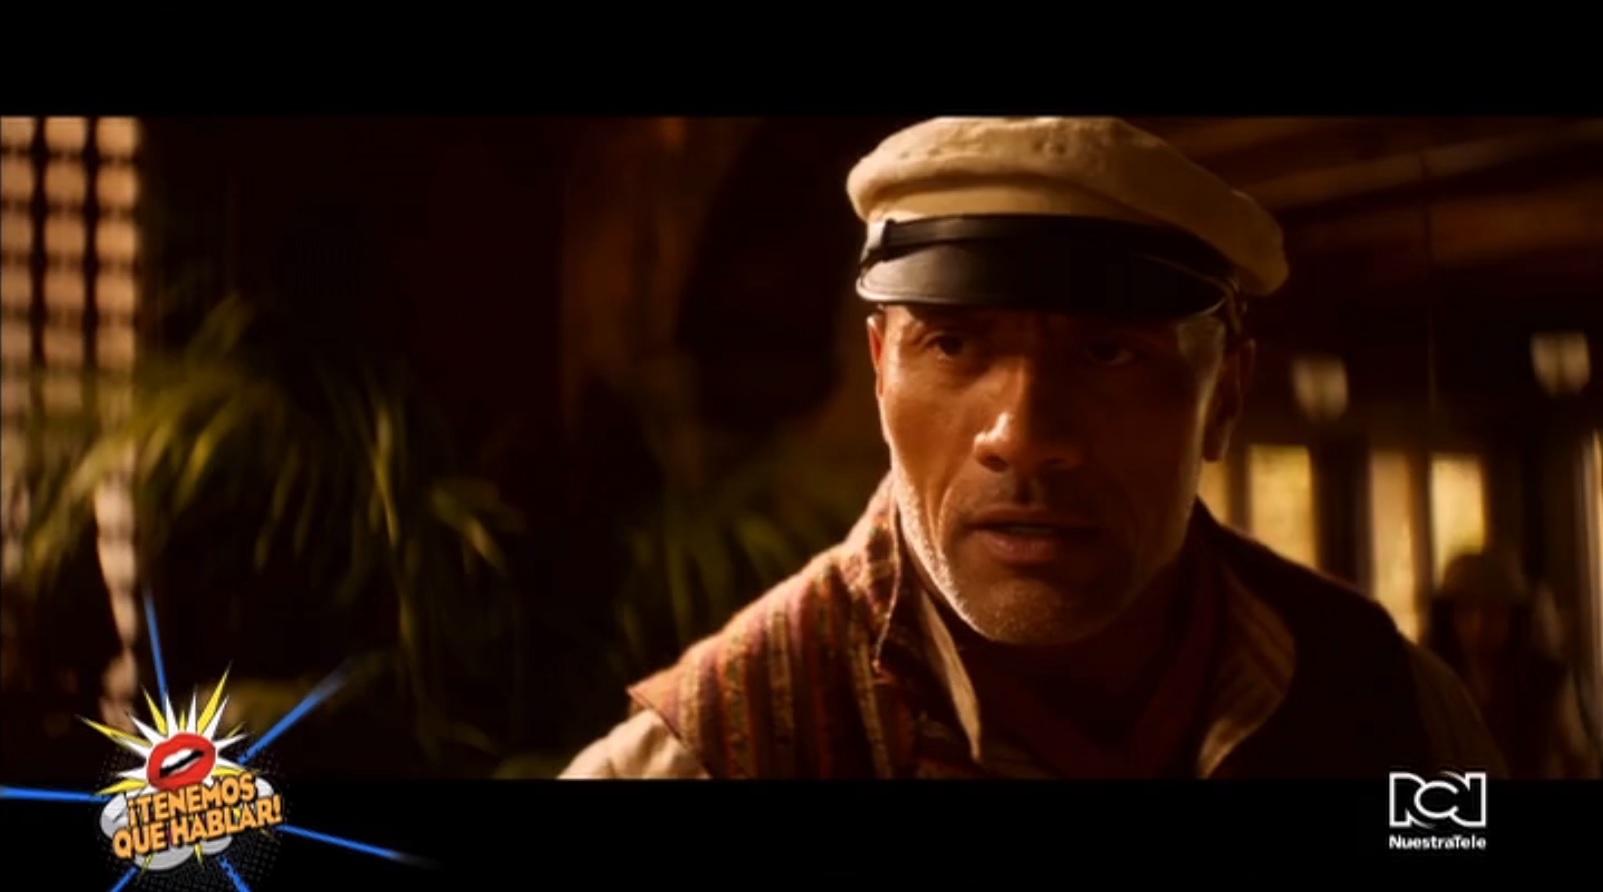 Disney publicó un nuevo tráiler de la película de aventuras 'Jungle Cruise'